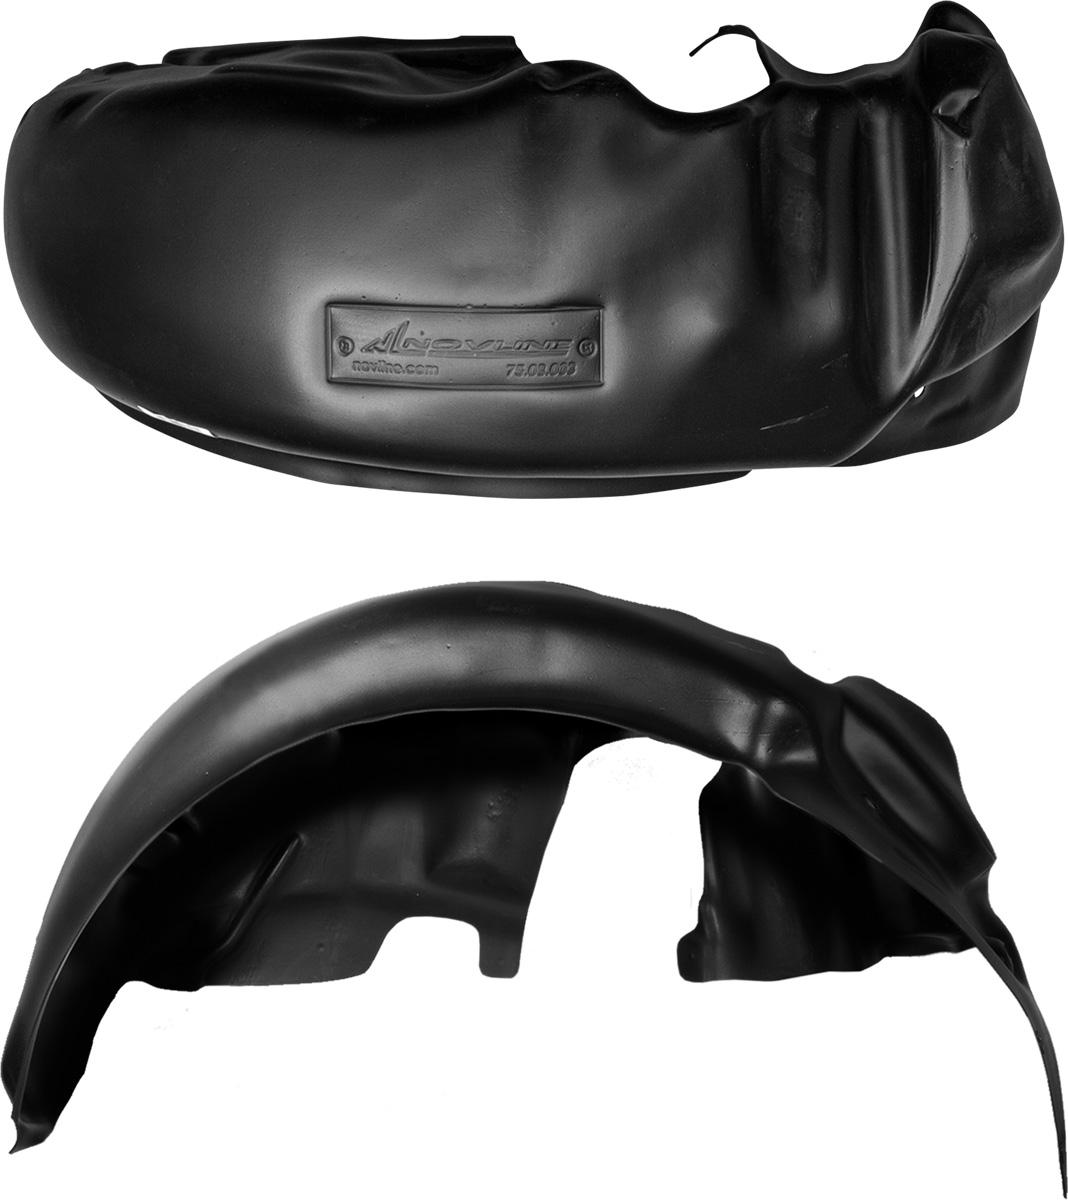 Подкрылок Novline-Autofamily, для Nissan X-Trail, 2011->, задний правыйNLL.36.38.004Колесные ниши - одни из самых уязвимых зон днища вашего автомобиля. Они постоянно подвергаются воздействию со стороны дороги. Лучшая, почти абсолютная защита для них - специально отформованные пластиковые кожухи, которые называются подкрылками. Производятся они как для отечественных моделей автомобилей, так и для иномарок. Подкрылки Novline-Autofamily выполнены из высококачественного, экологически чистого пластика. Обеспечивают надежную защиту кузова автомобиля от пескоструйного эффекта и негативного влияния, агрессивных антигололедных реагентов. Пластик обладает более низкой теплопроводностью, чем металл, поэтому в зимний период эксплуатации использование пластиковых подкрылков позволяет лучше защитить колесные ниши от налипания снега и образования наледи. Оригинальность конструкции подчеркивает элегантность автомобиля, бережно защищает нанесенное на днище кузова антикоррозийное покрытие и позволяет осуществить крепление подкрылков внутри колесной арки практически без дополнительного крепежа и сверления, не нарушая при этом лакокрасочного покрытия, что предотвращает возникновение новых очагов коррозии. Подкрылки долговечны, обладают высокой прочностью и сохраняют заданную форму, а также все свои физико-механические характеристики в самых тяжелых климатических условиях (от -50°С до +50°С).Уважаемые клиенты!Обращаем ваше внимание, на тот факт, что подкрылок имеет форму, соответствующую модели данного автомобиля. Фото служит для визуального восприятия товара.